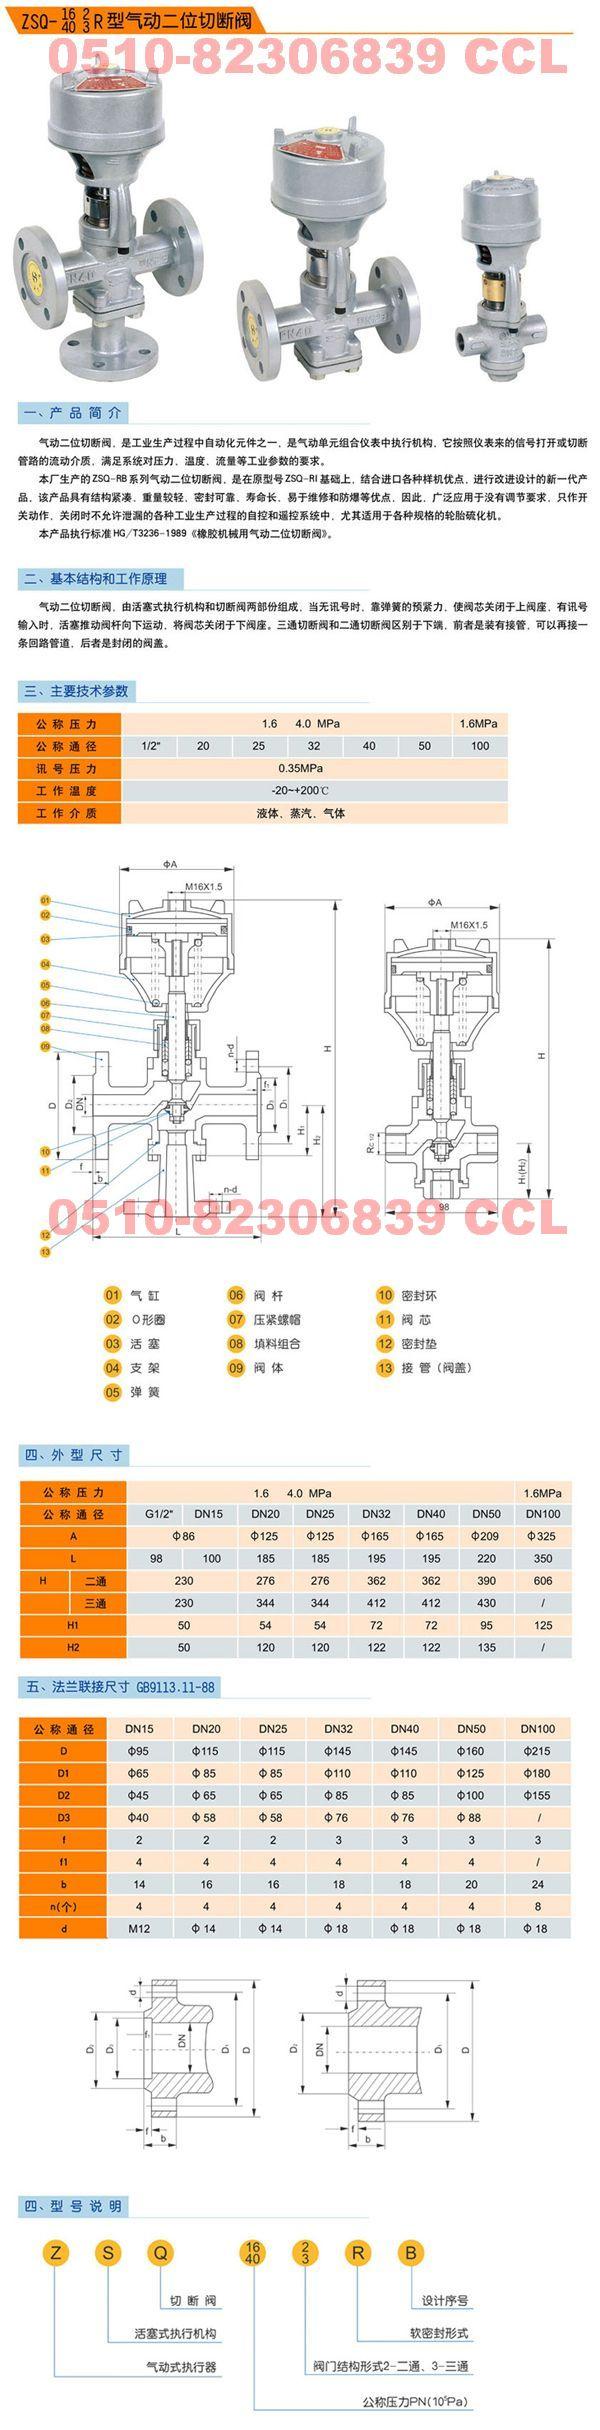 ZSQ-162R   ZSQ-403R     气动二位切断阀